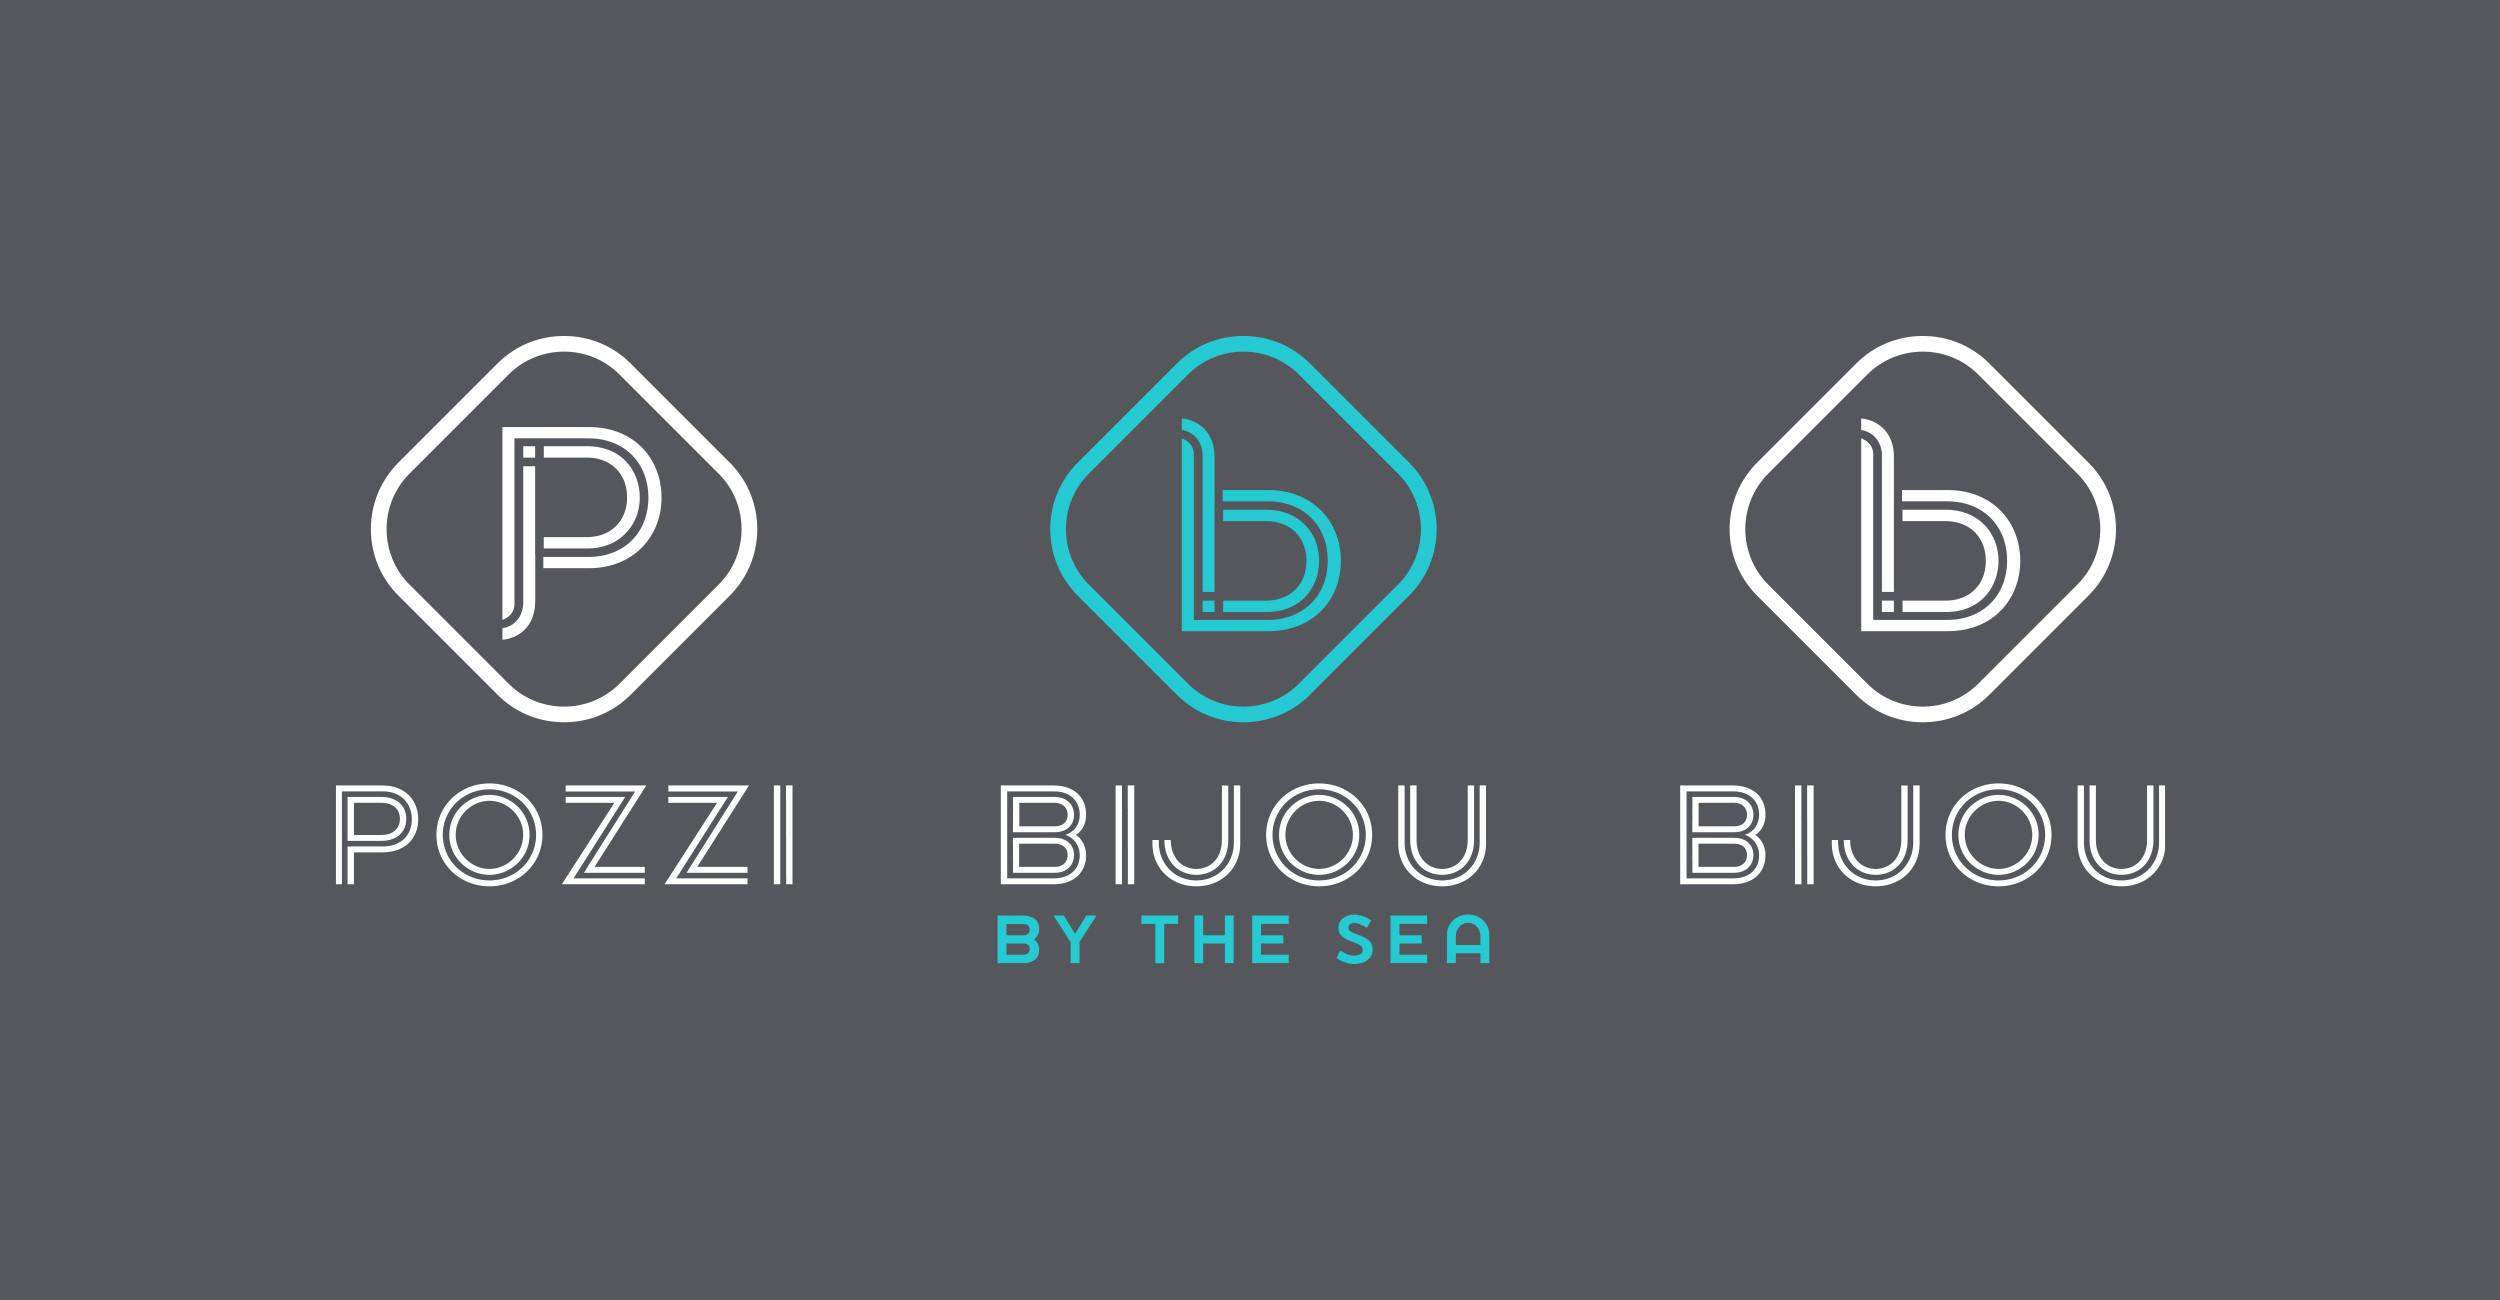 Pozzi Bijou